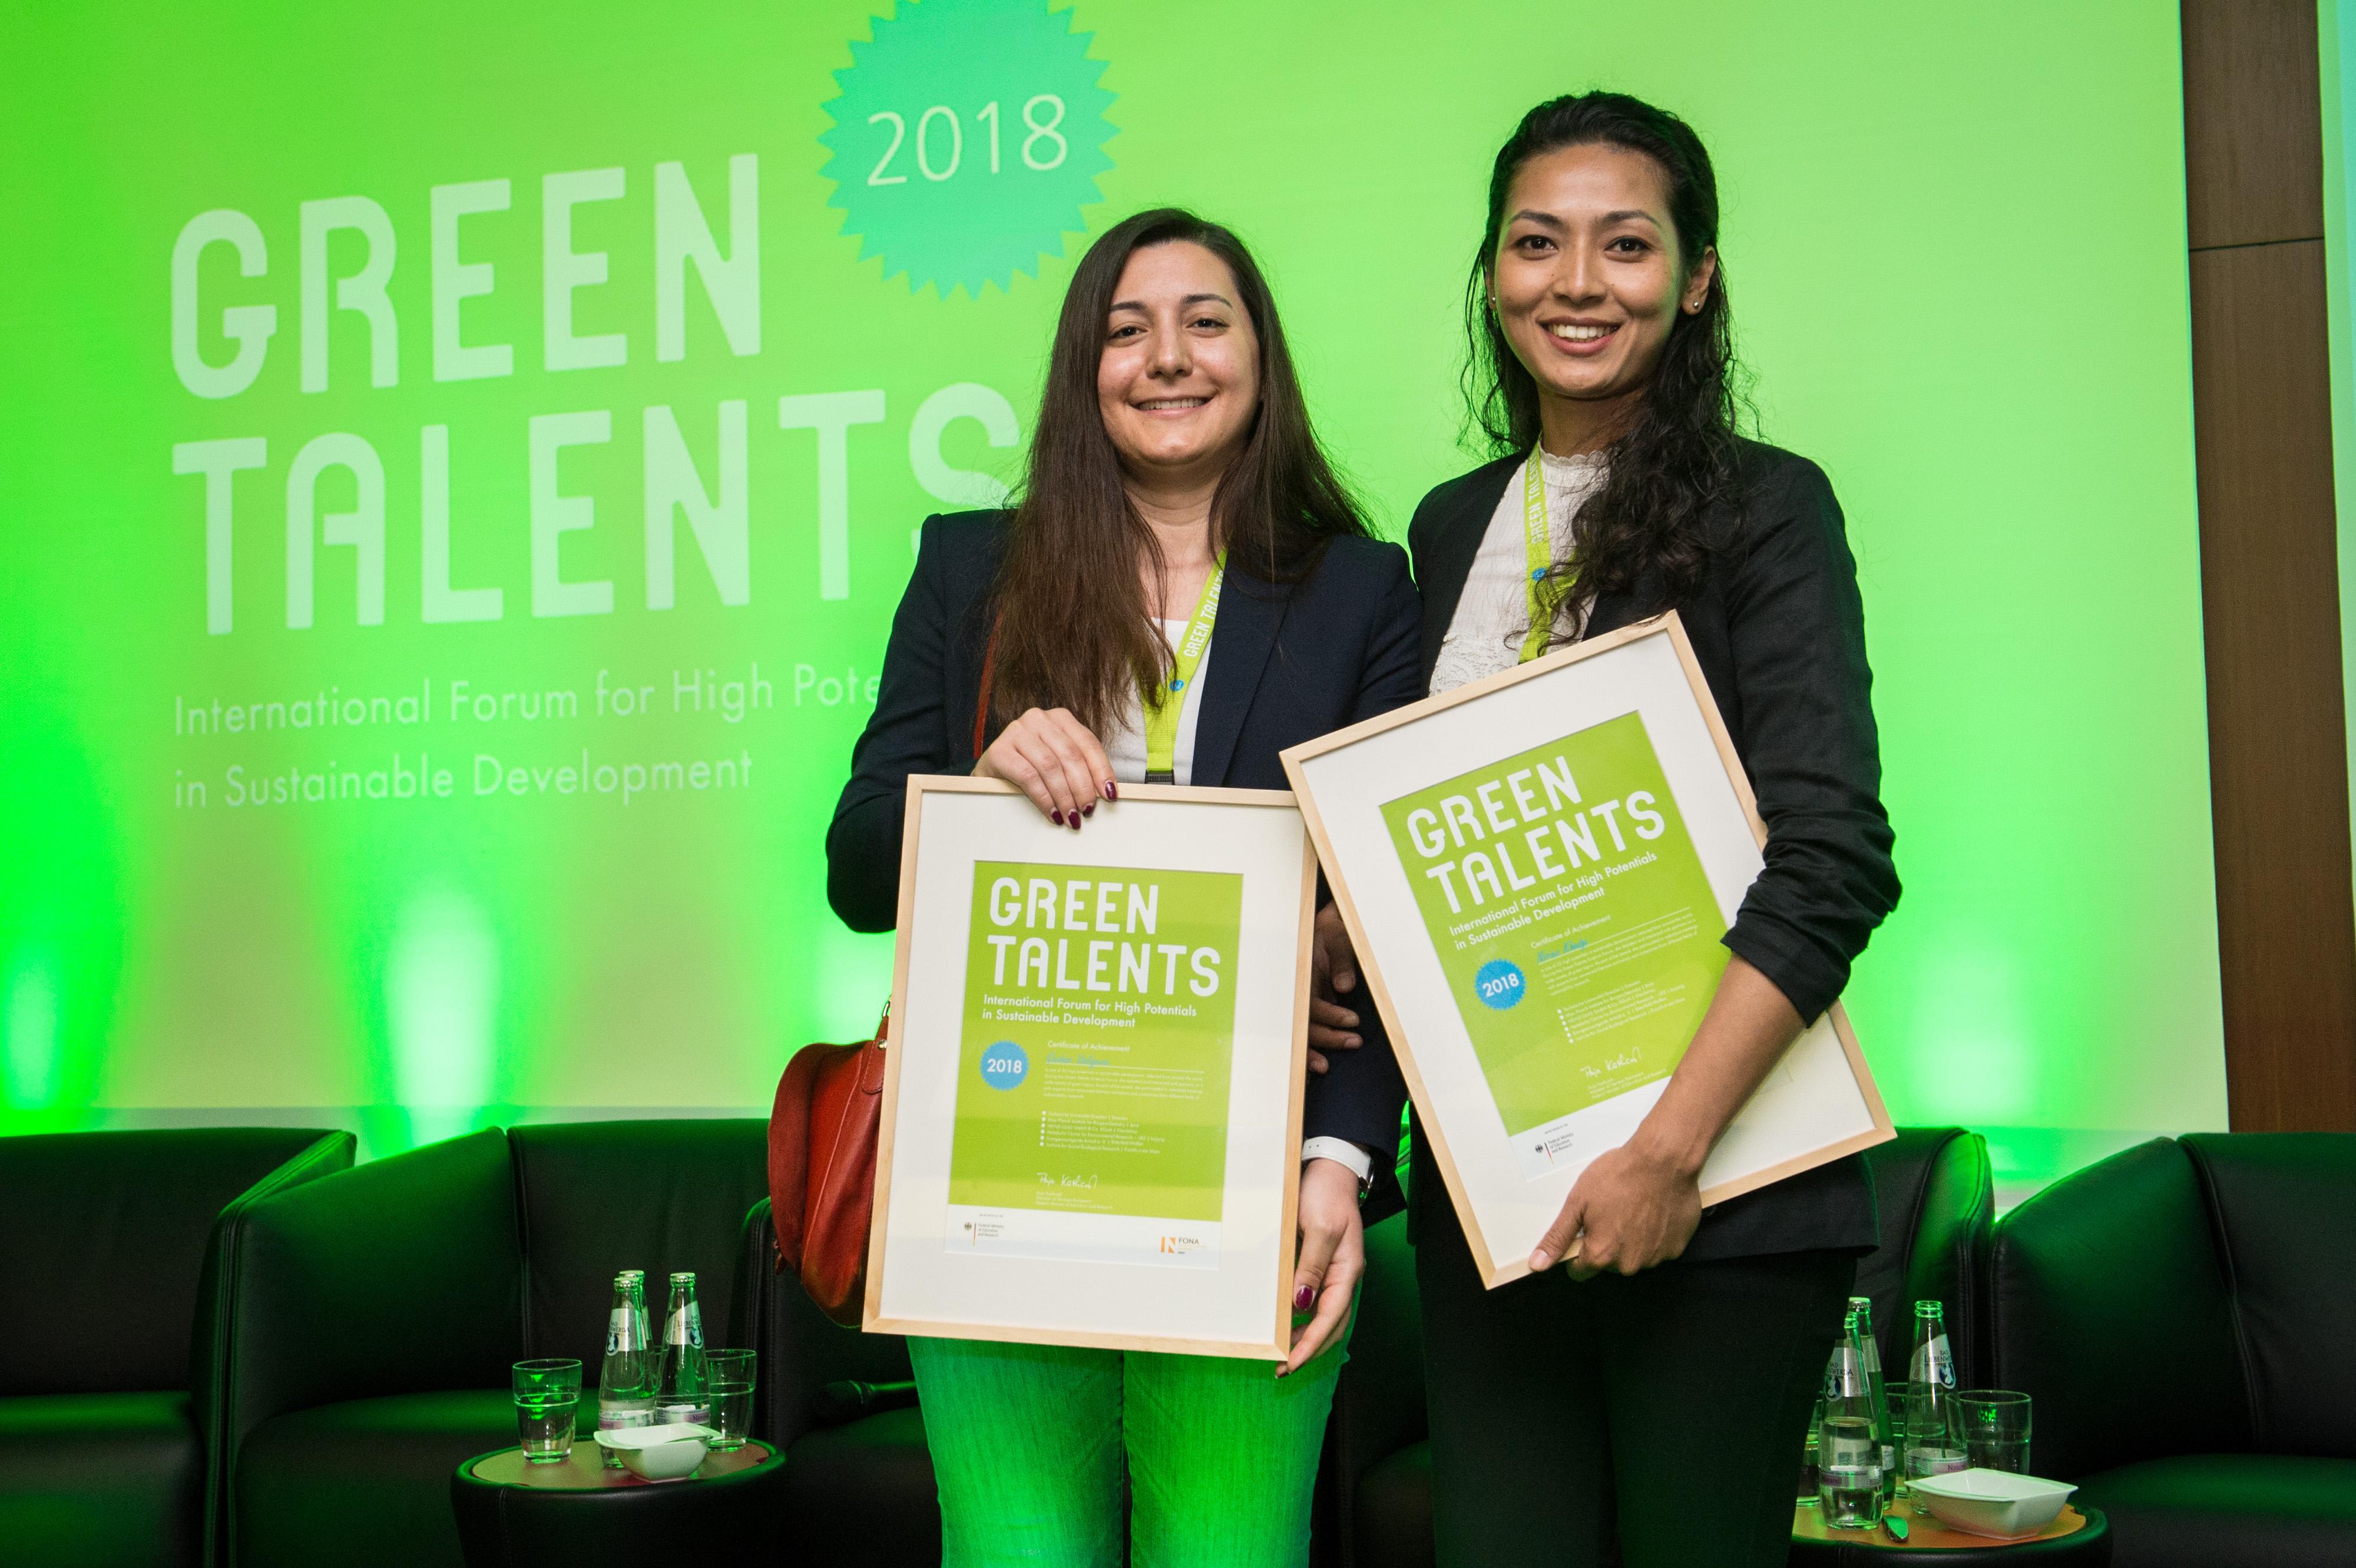 green-talents-procura-talentos